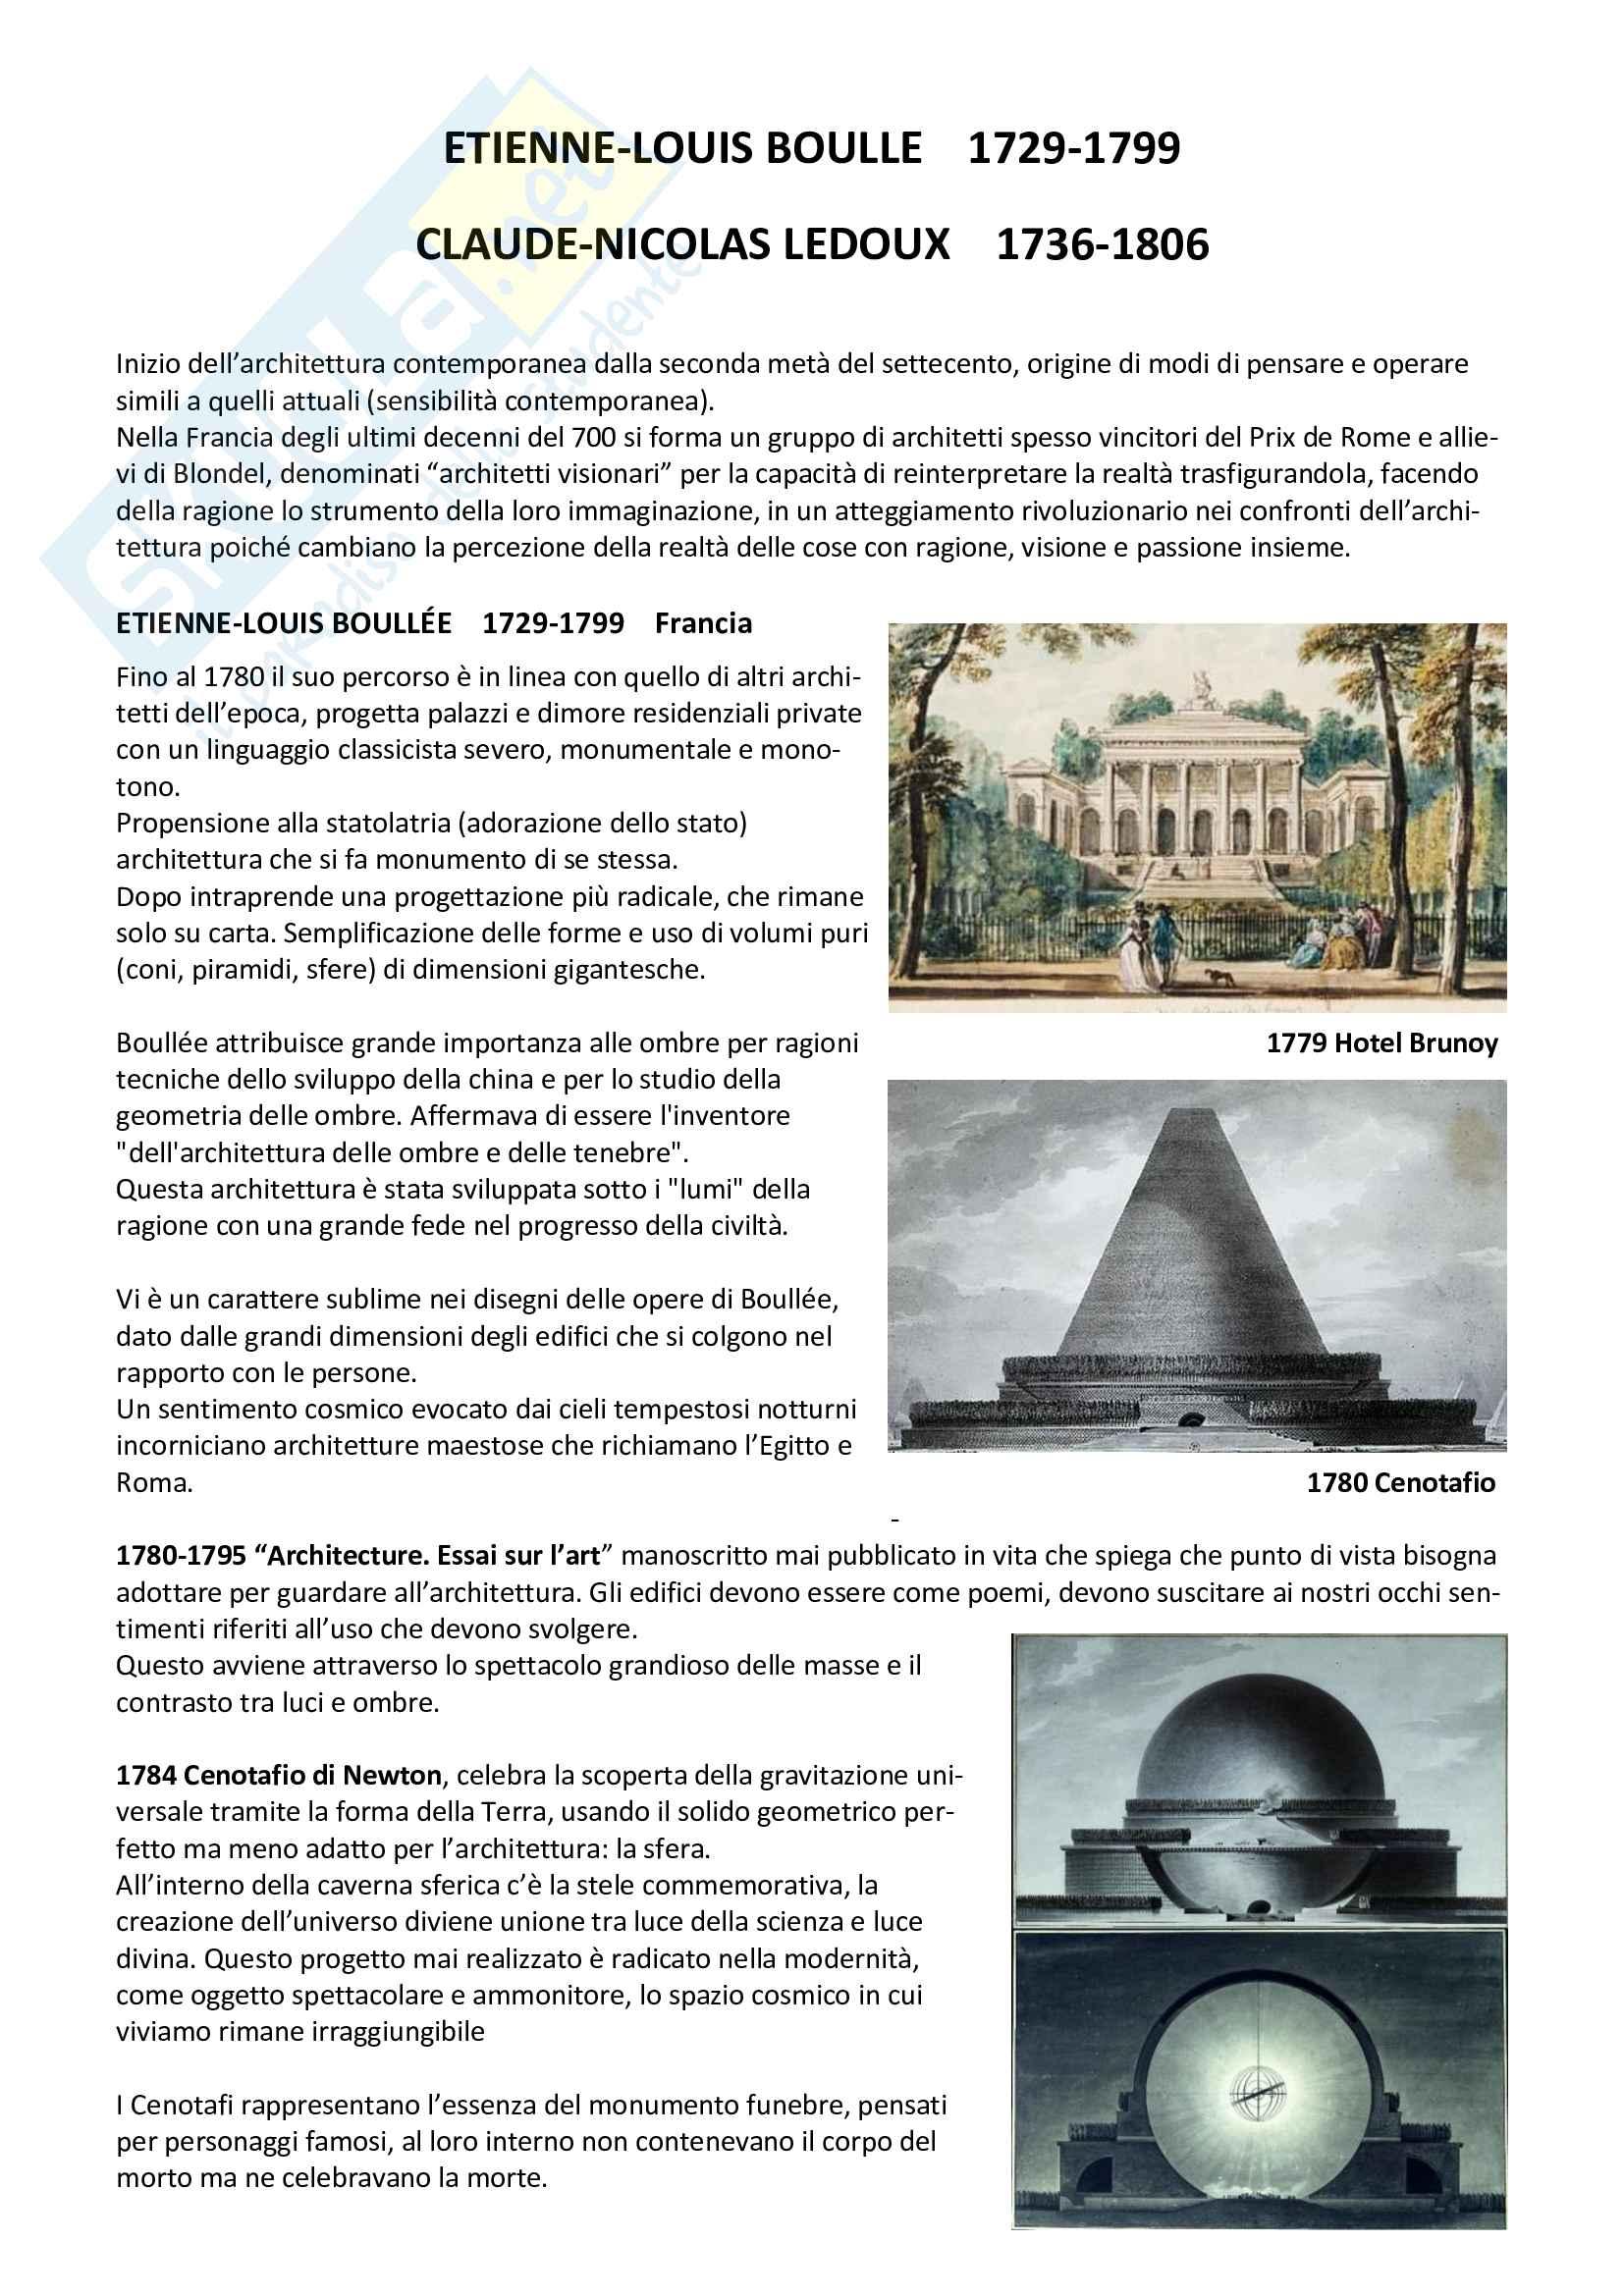 Storia dell architettura contemporanea - riassunti